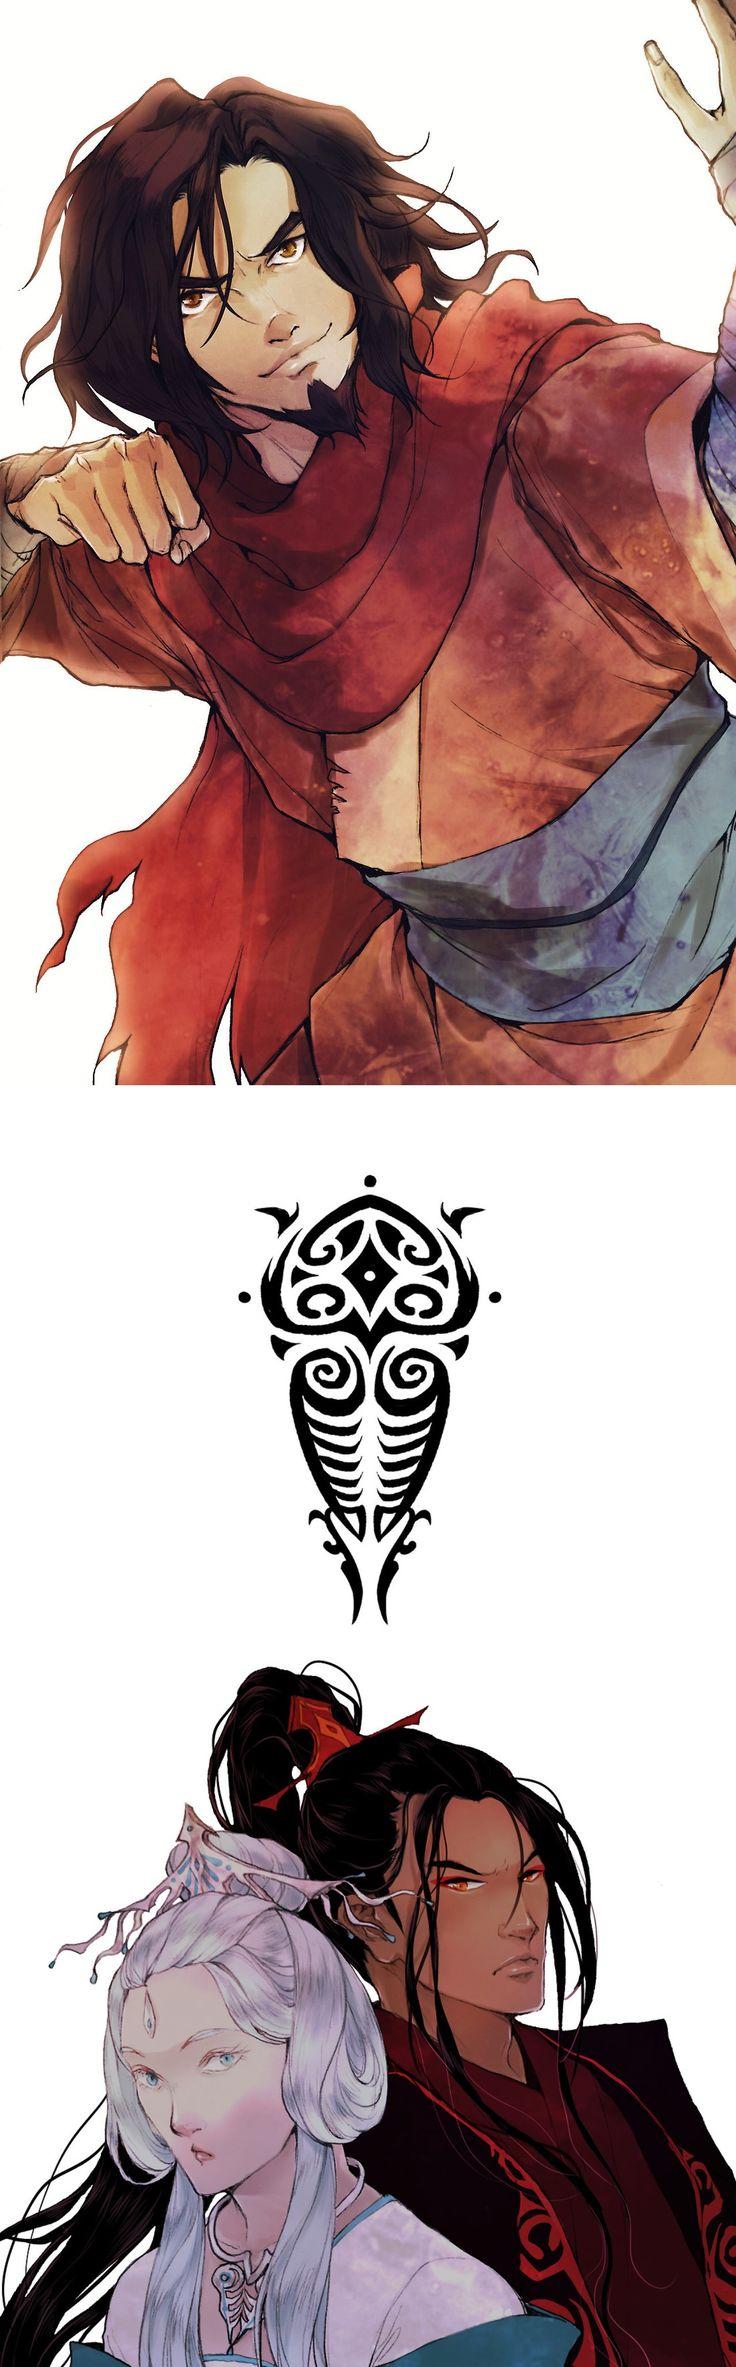 Legend of Korra - Avatar Wan, Raava & Vaatu in human form